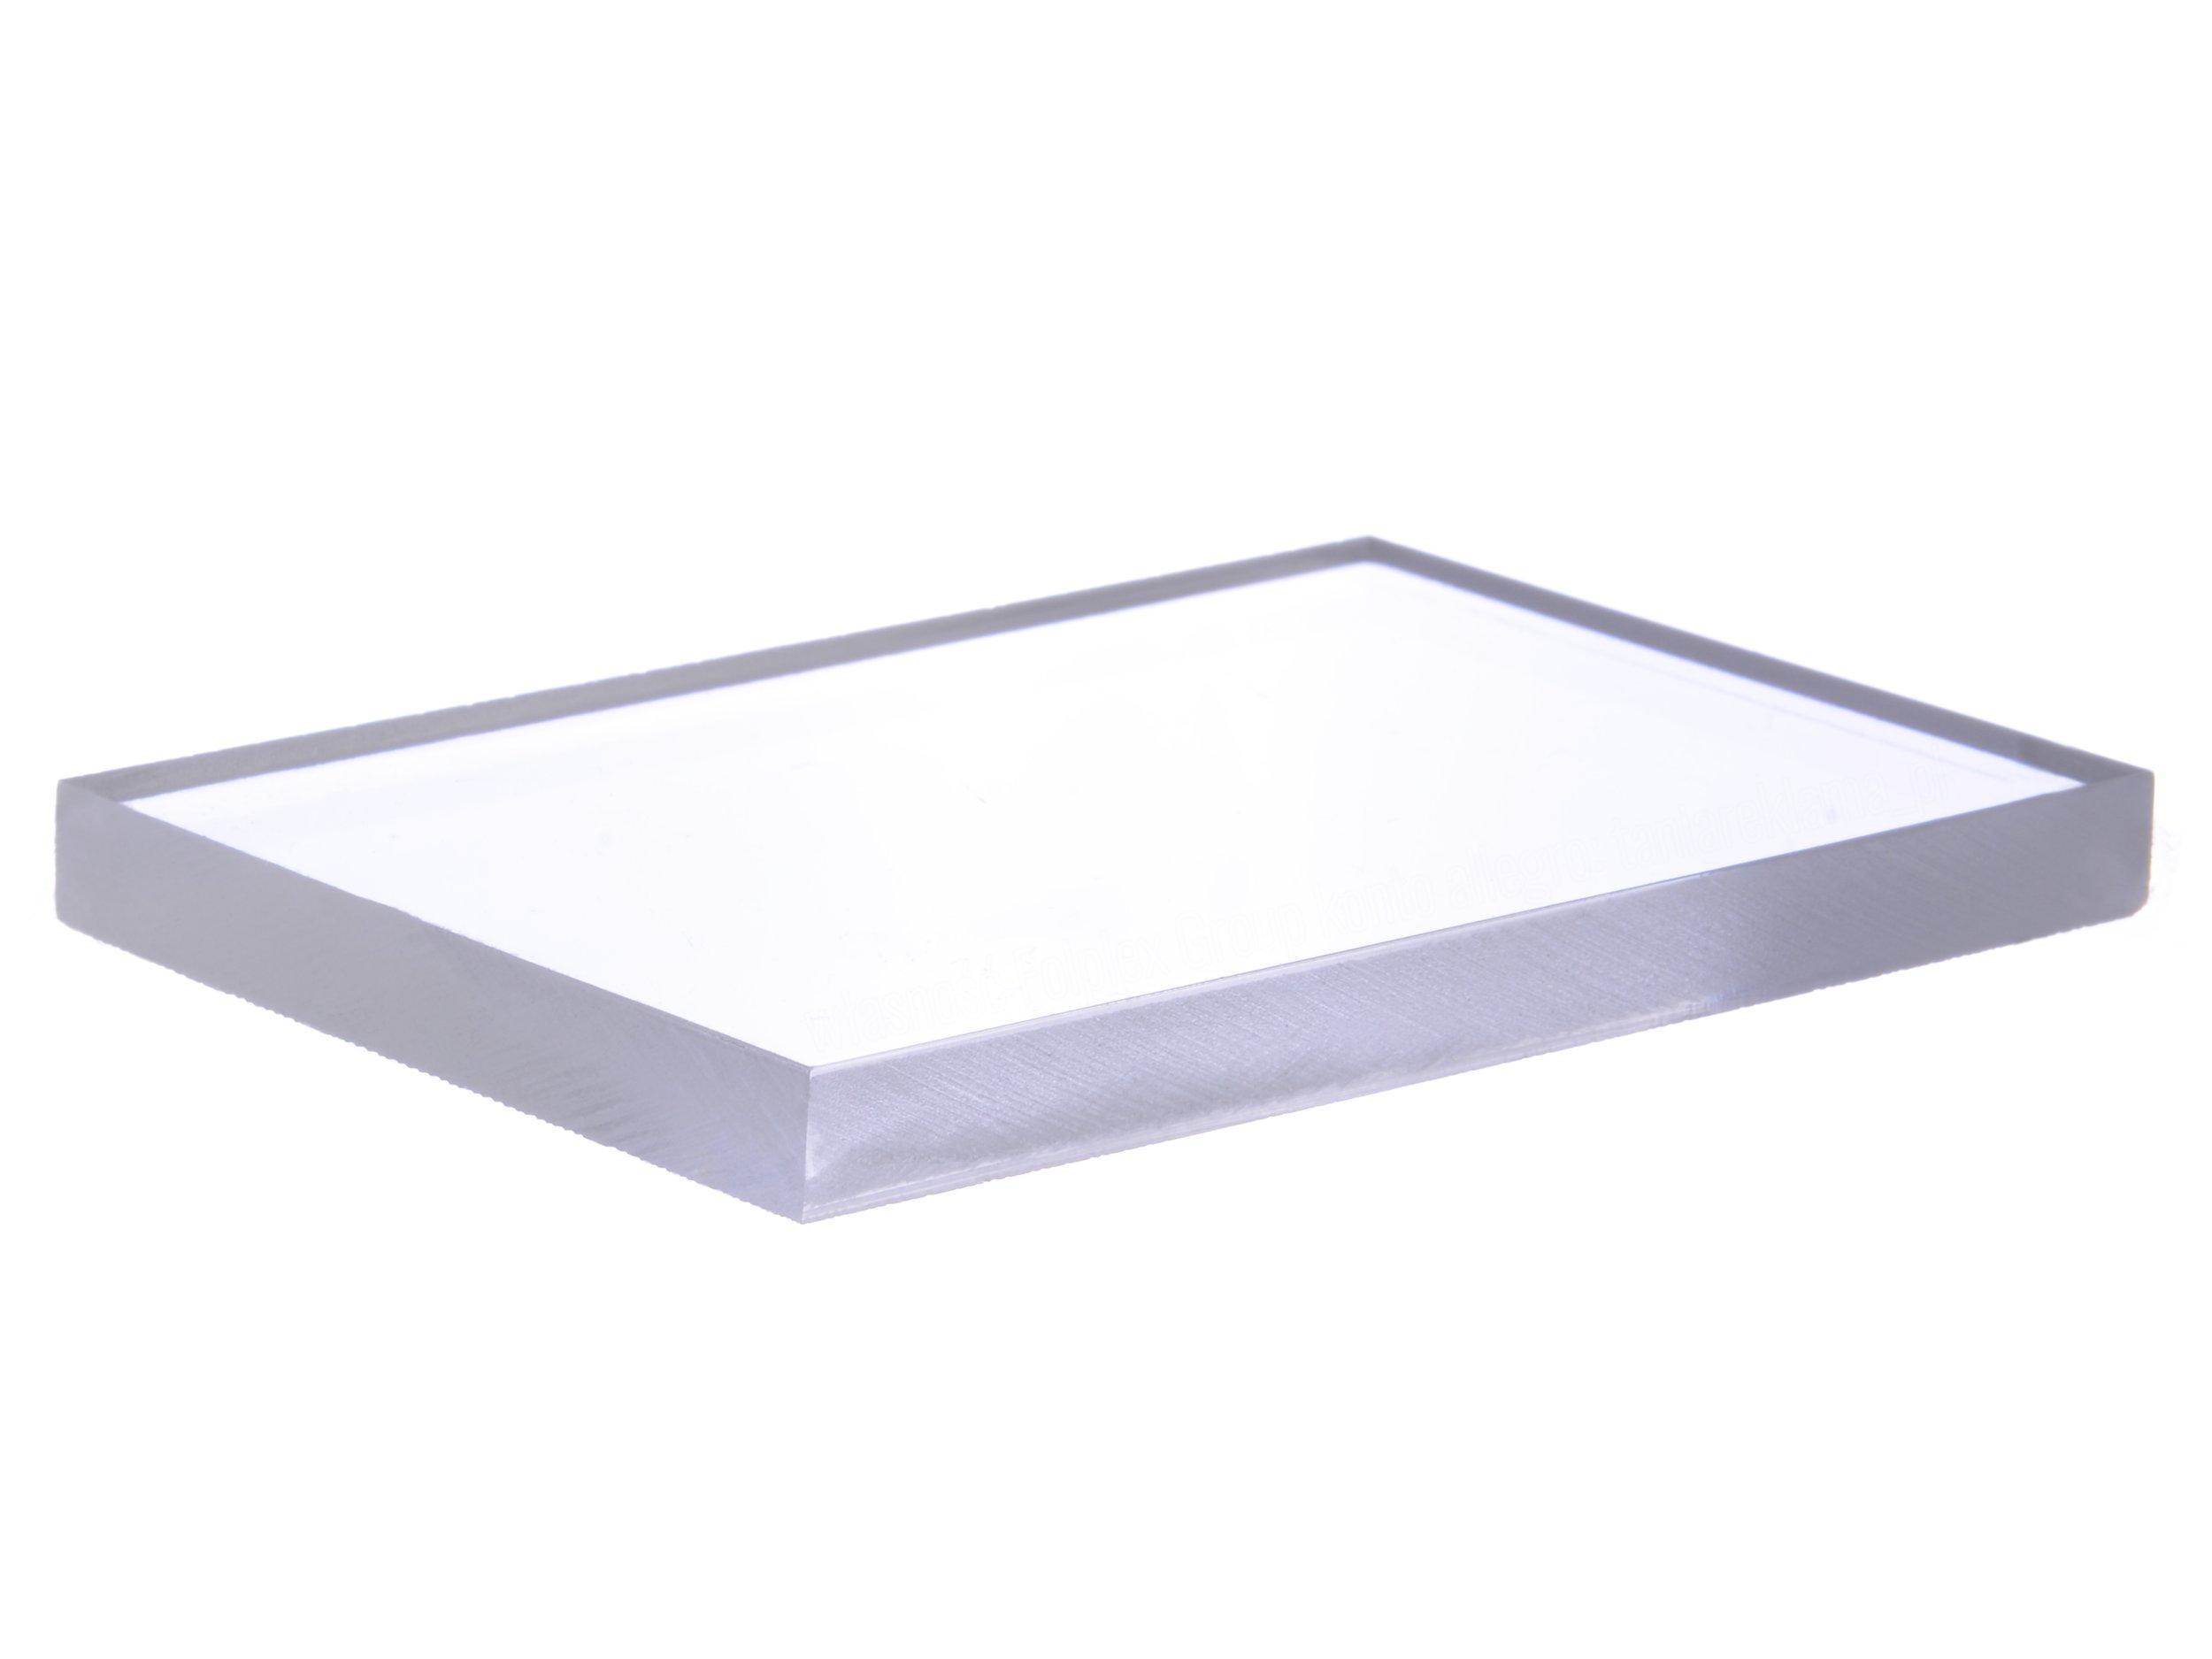 PLEXI / PLEXI / PLEXA / PLEXA - 5 мм - По размеру